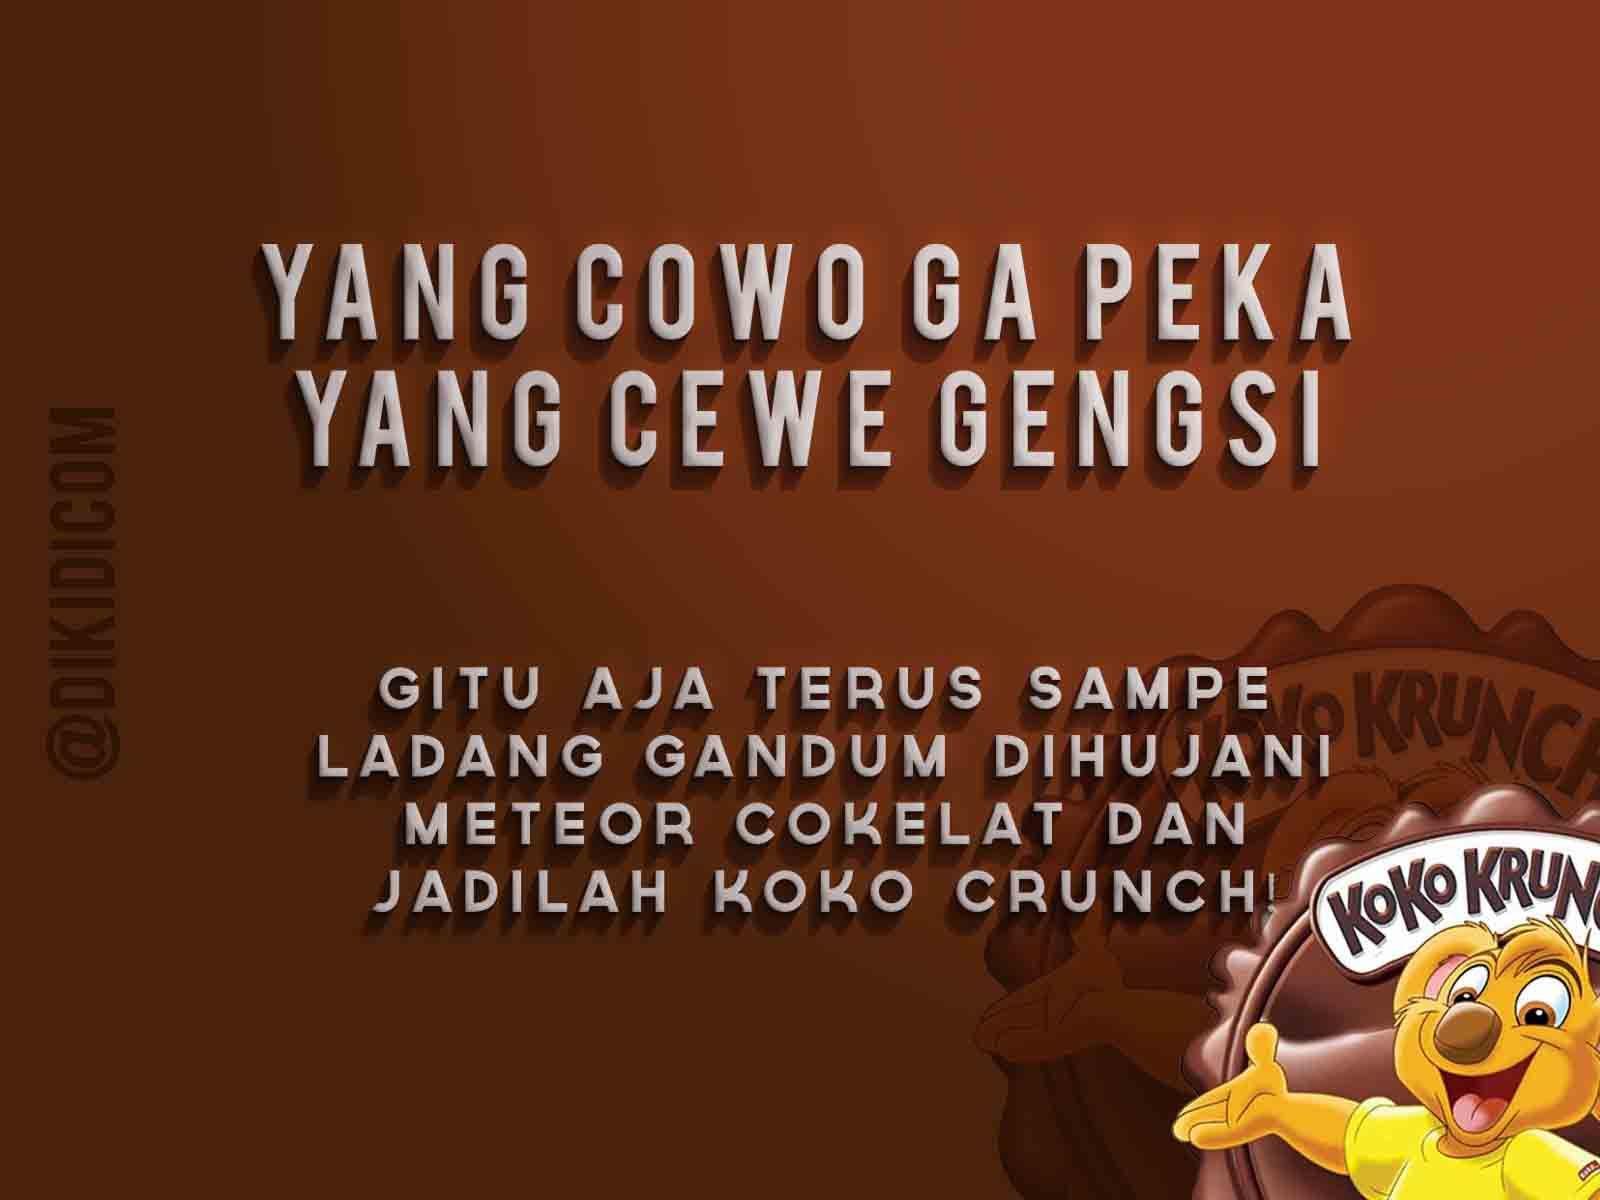 Yang Cowo Ga Peka Yang Cewe Gengsi Meme Indonesia Pinterest